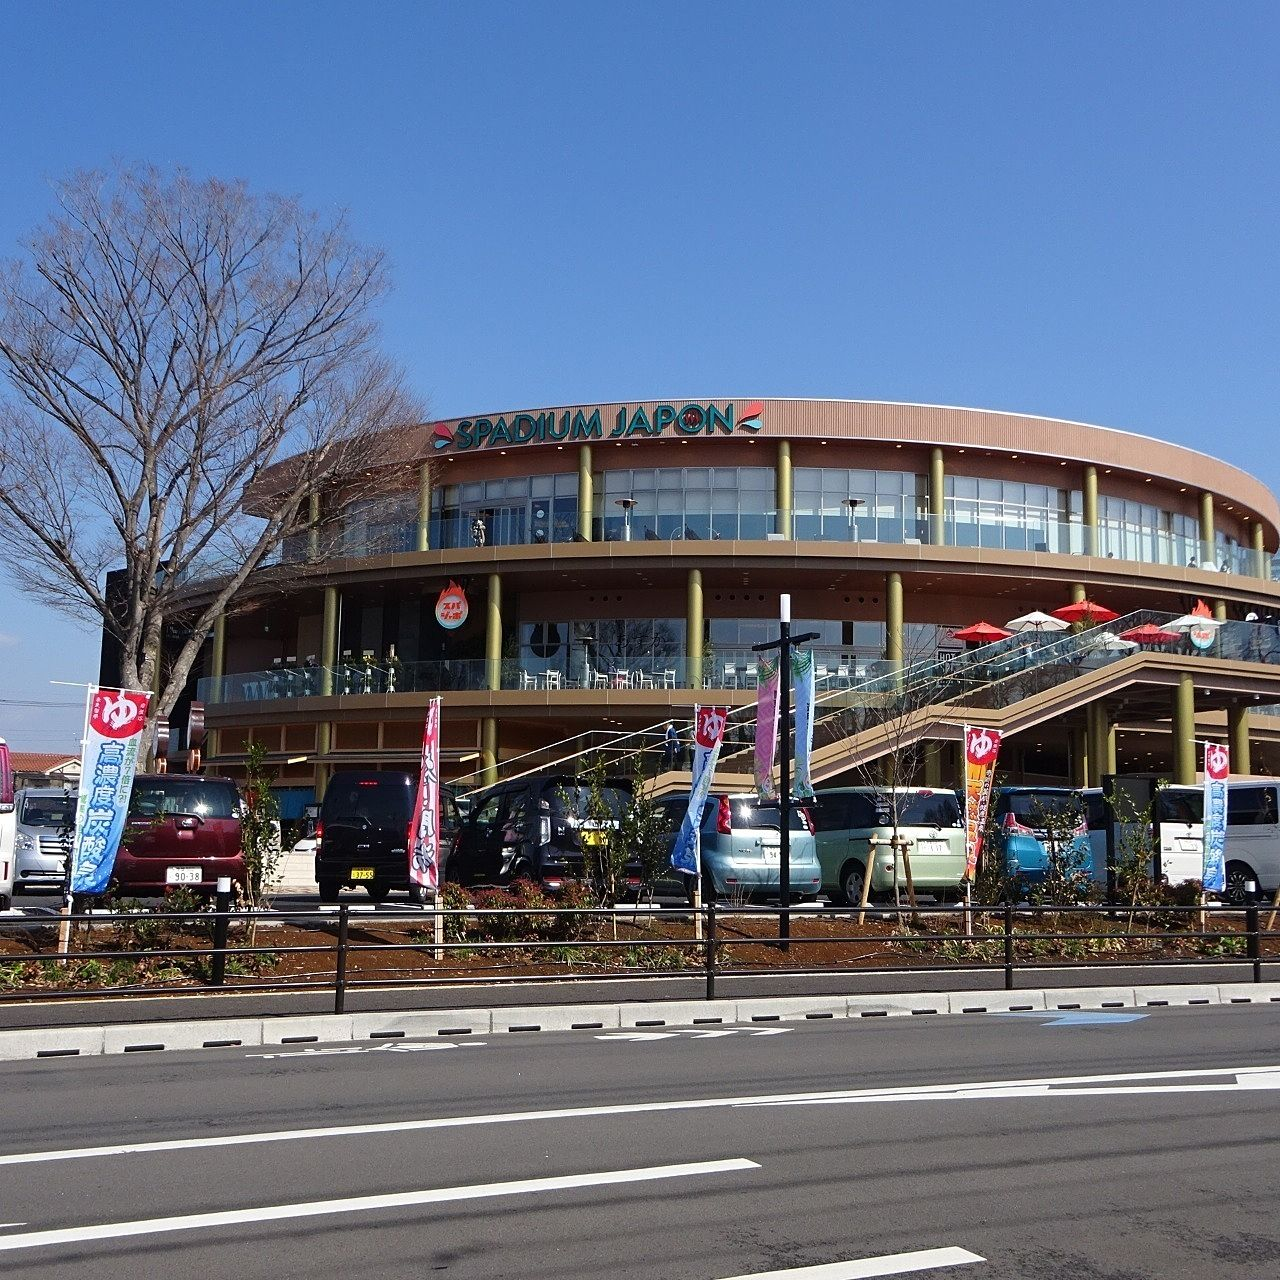 関東一の温泉施設スパジャポ